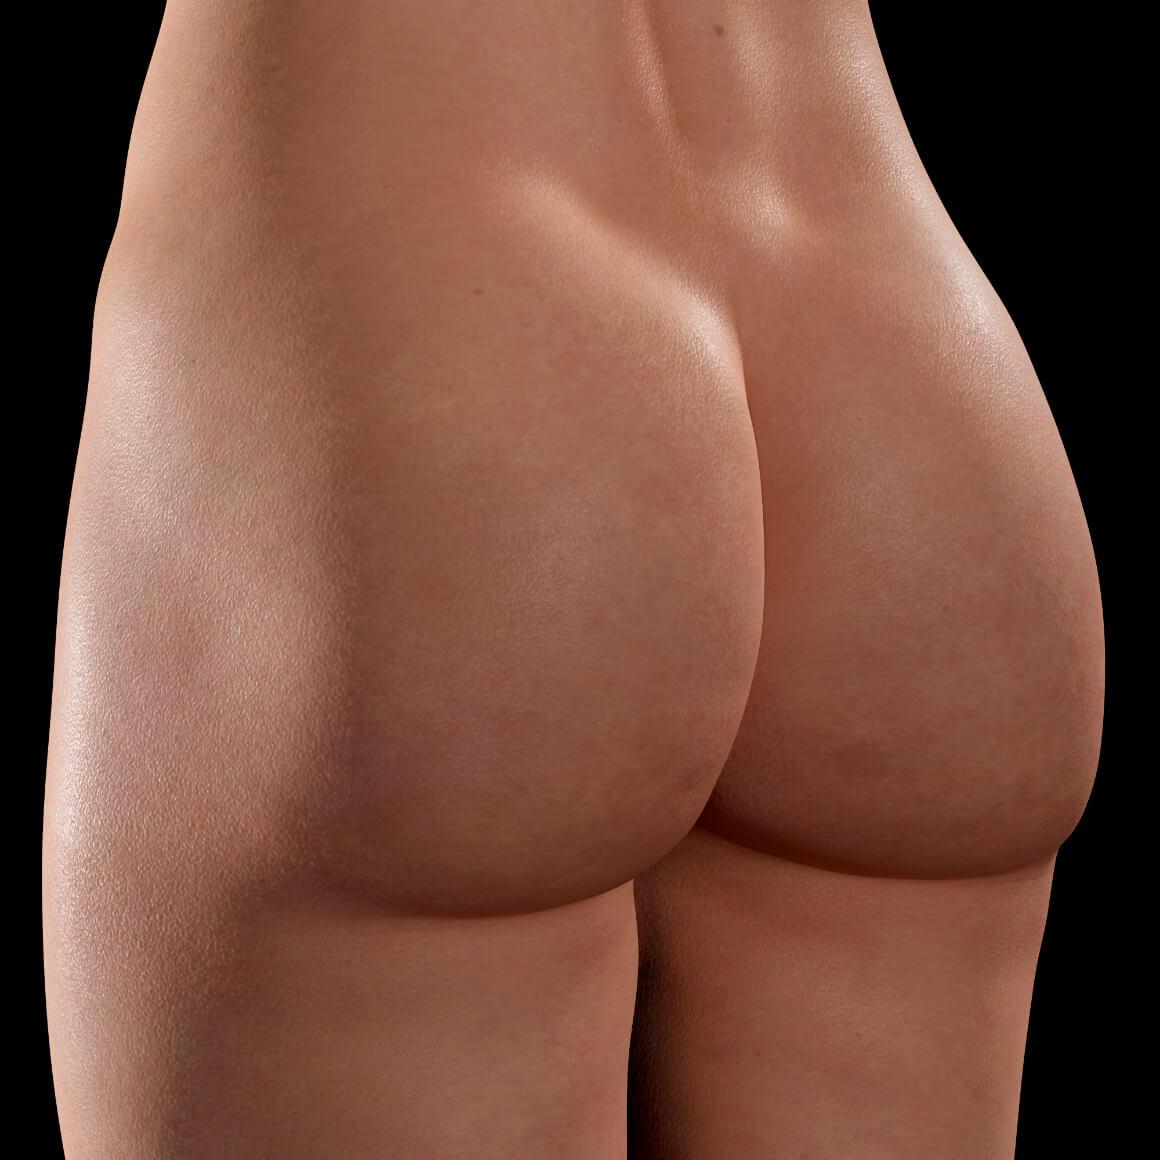 Fesses d'une patiente de la Clinique Chloé vue en angle après des traitements Venus Legacy contre la cellulite